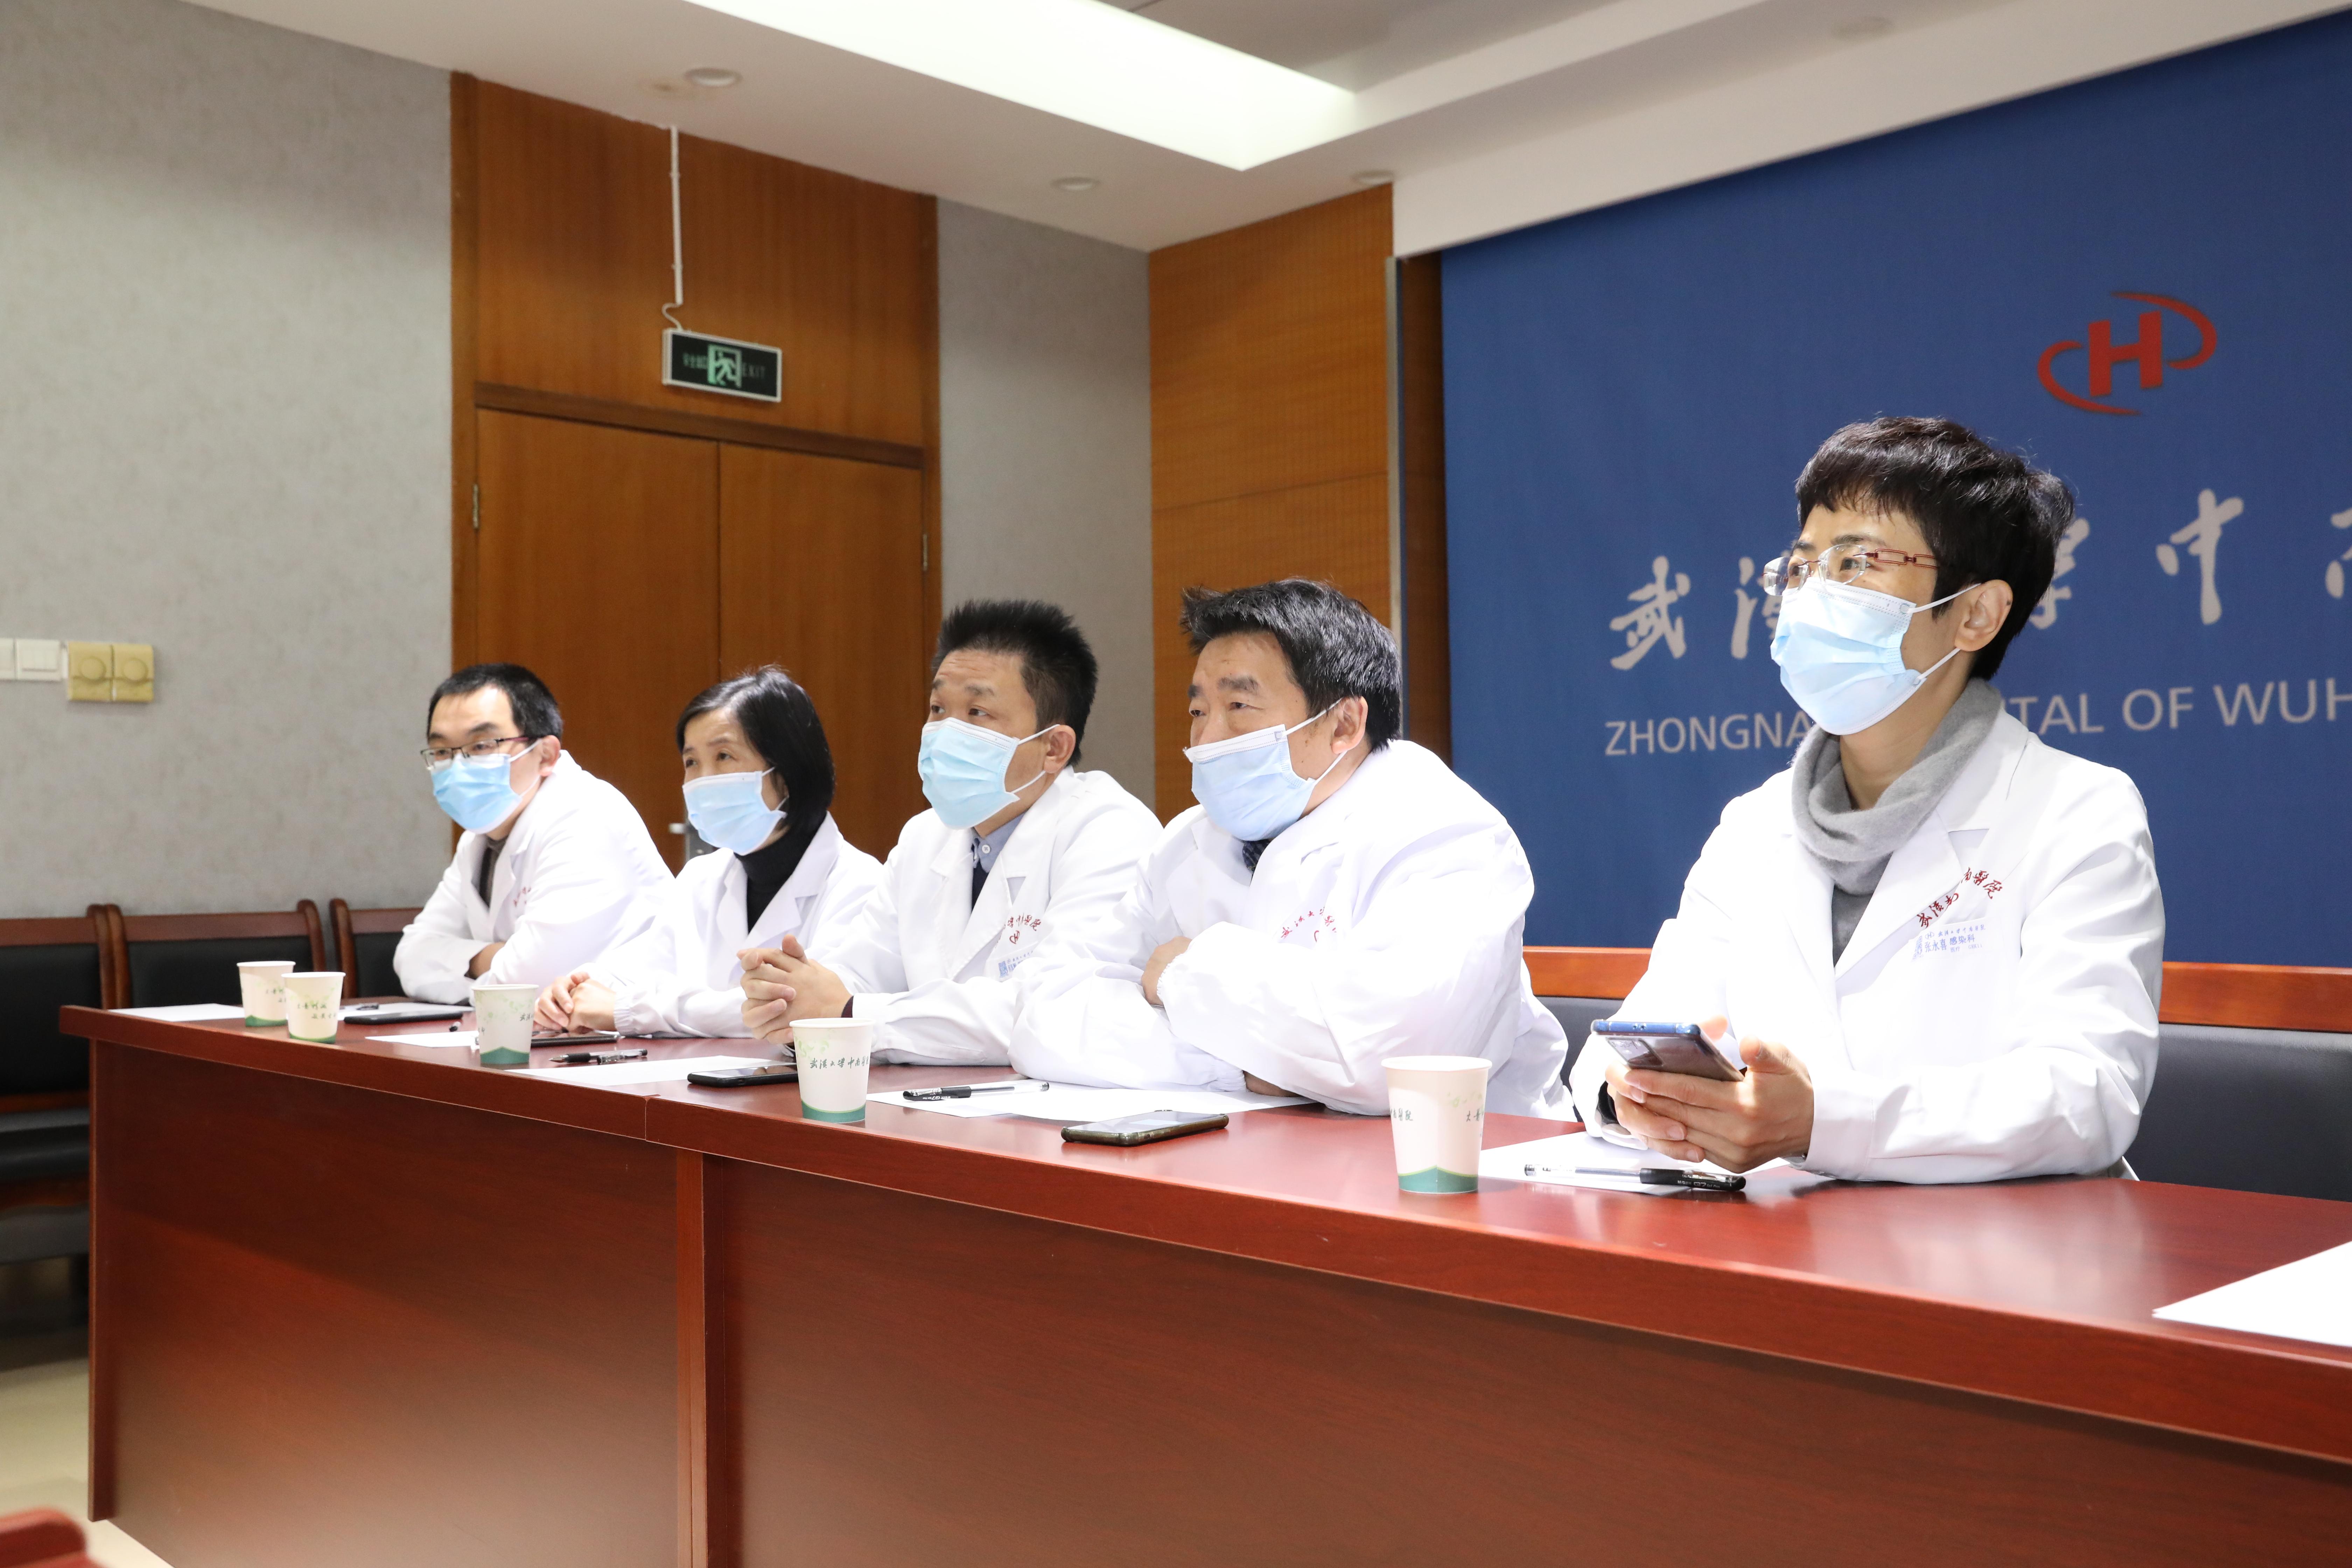 武汉大学中南医院多科室专家为荆门百岁危重症老人远程会诊